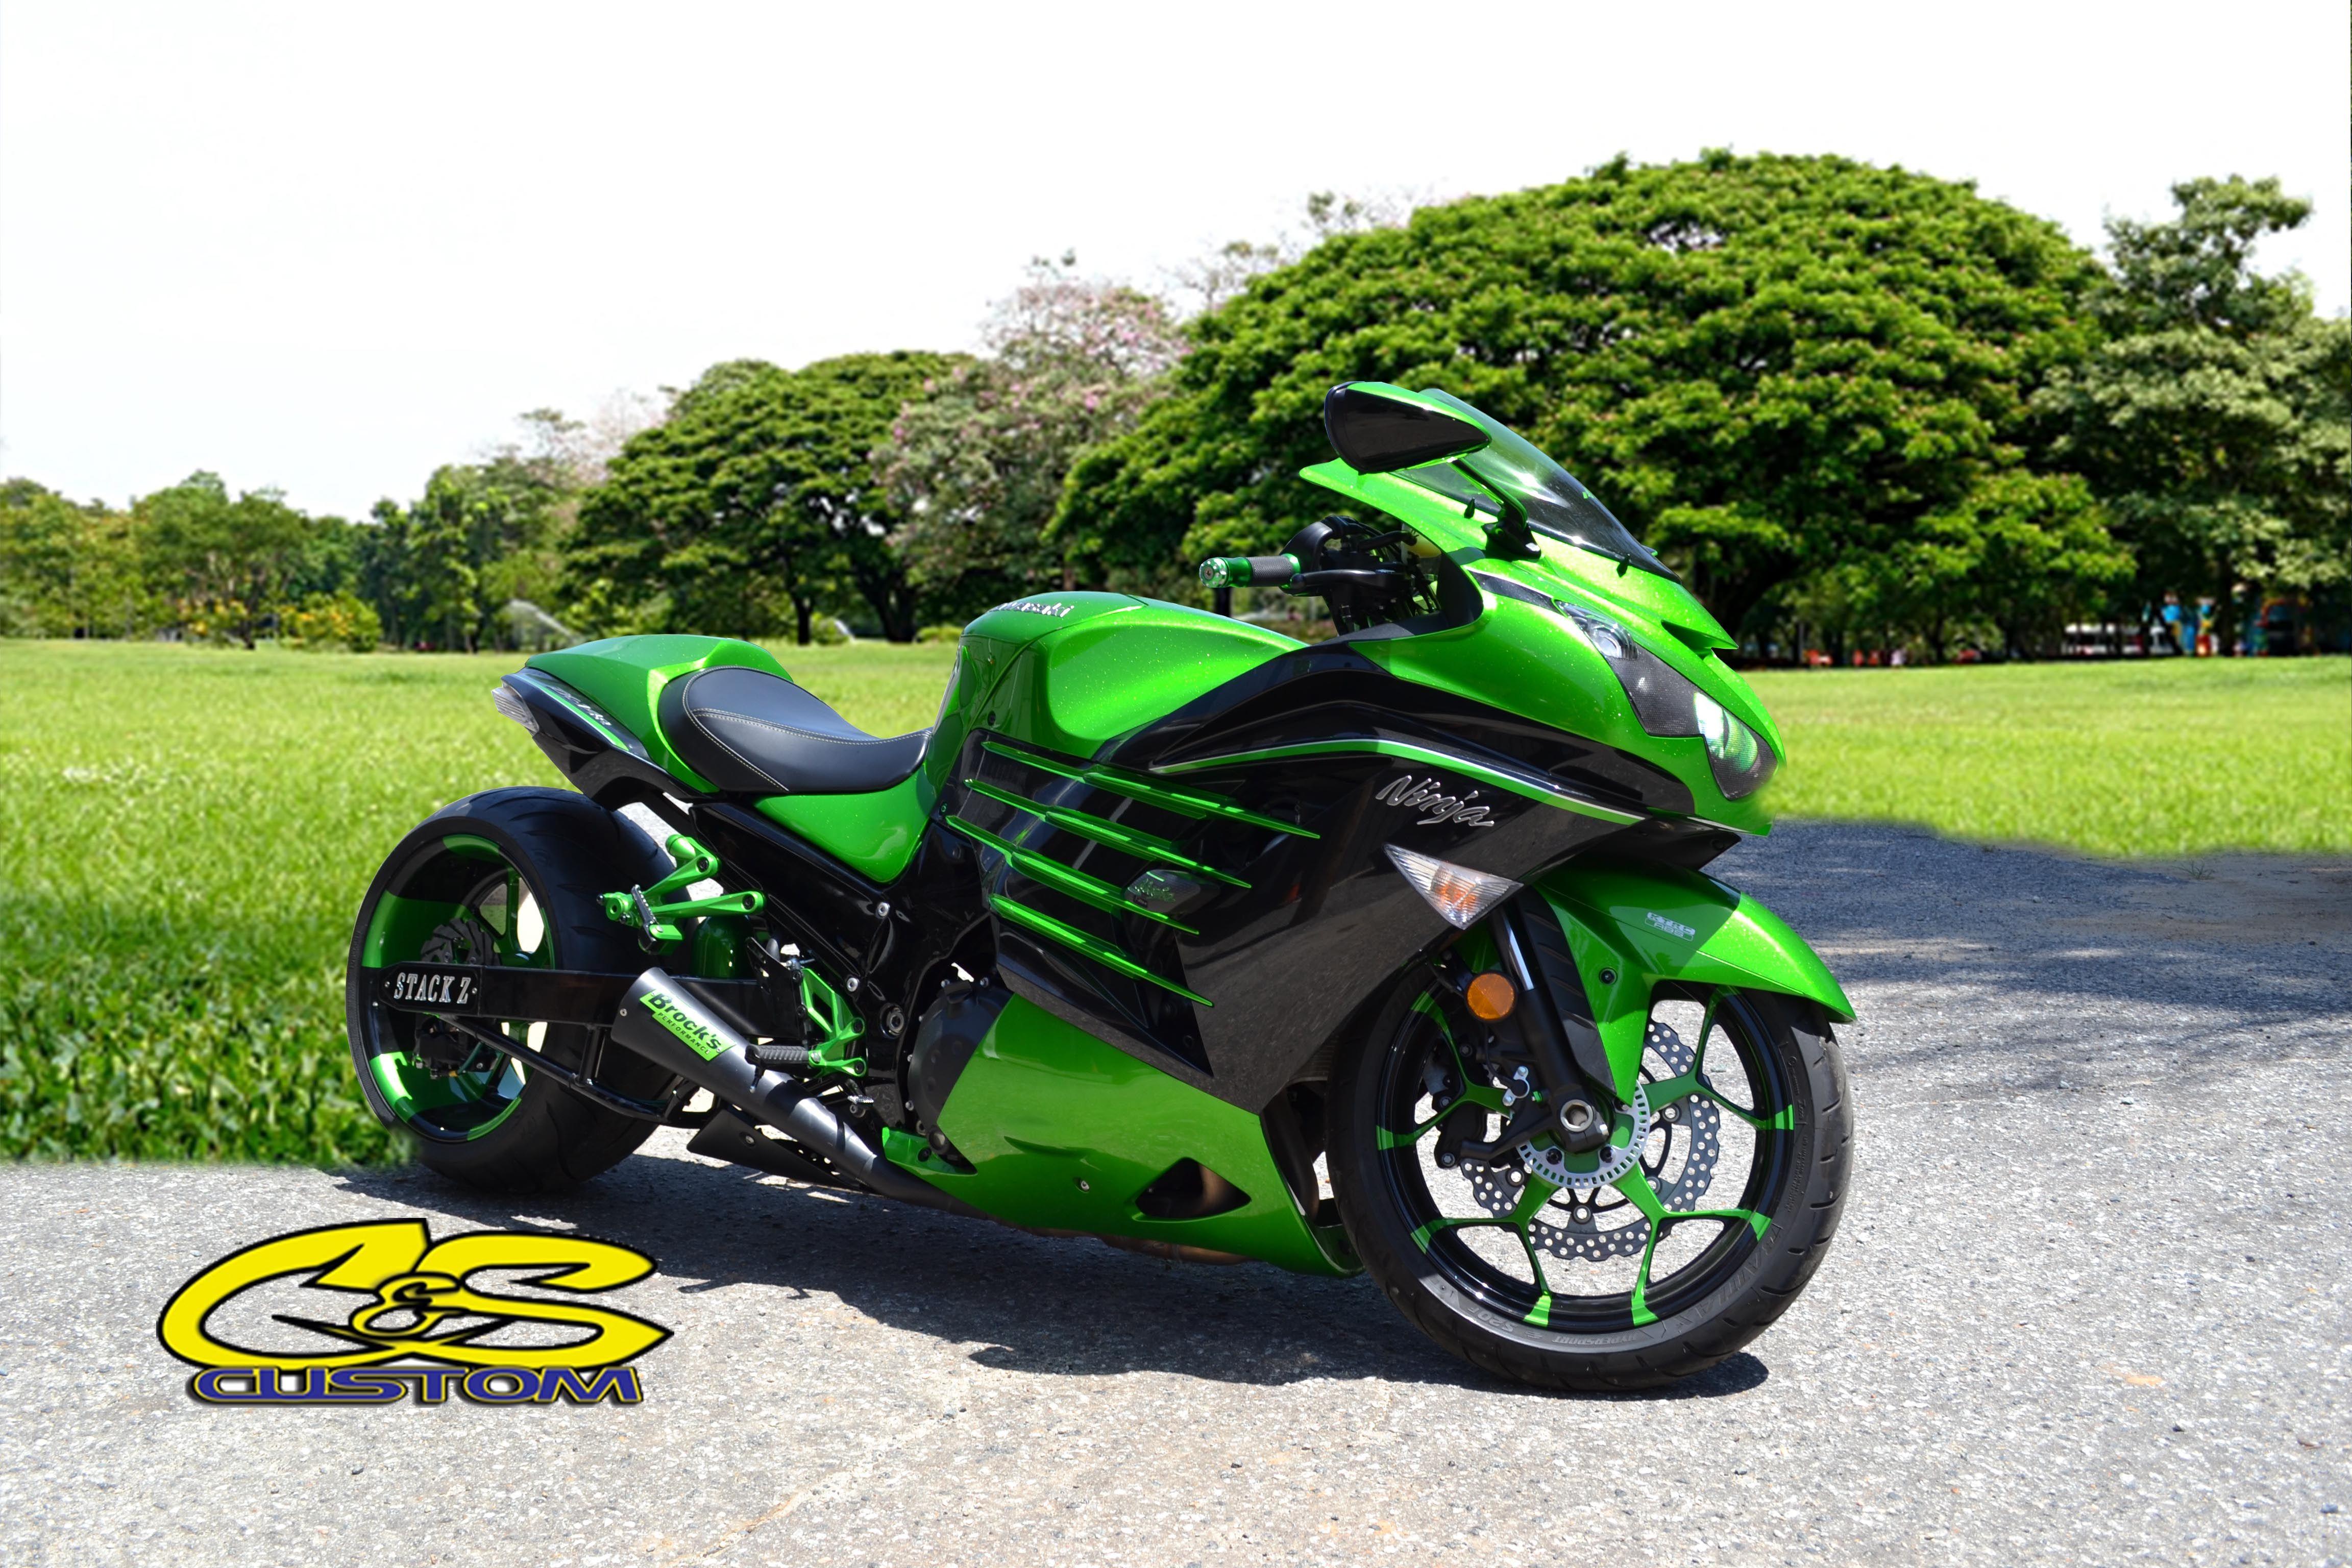 GCC Sportbike Motorcycle Motorbike Green zx14